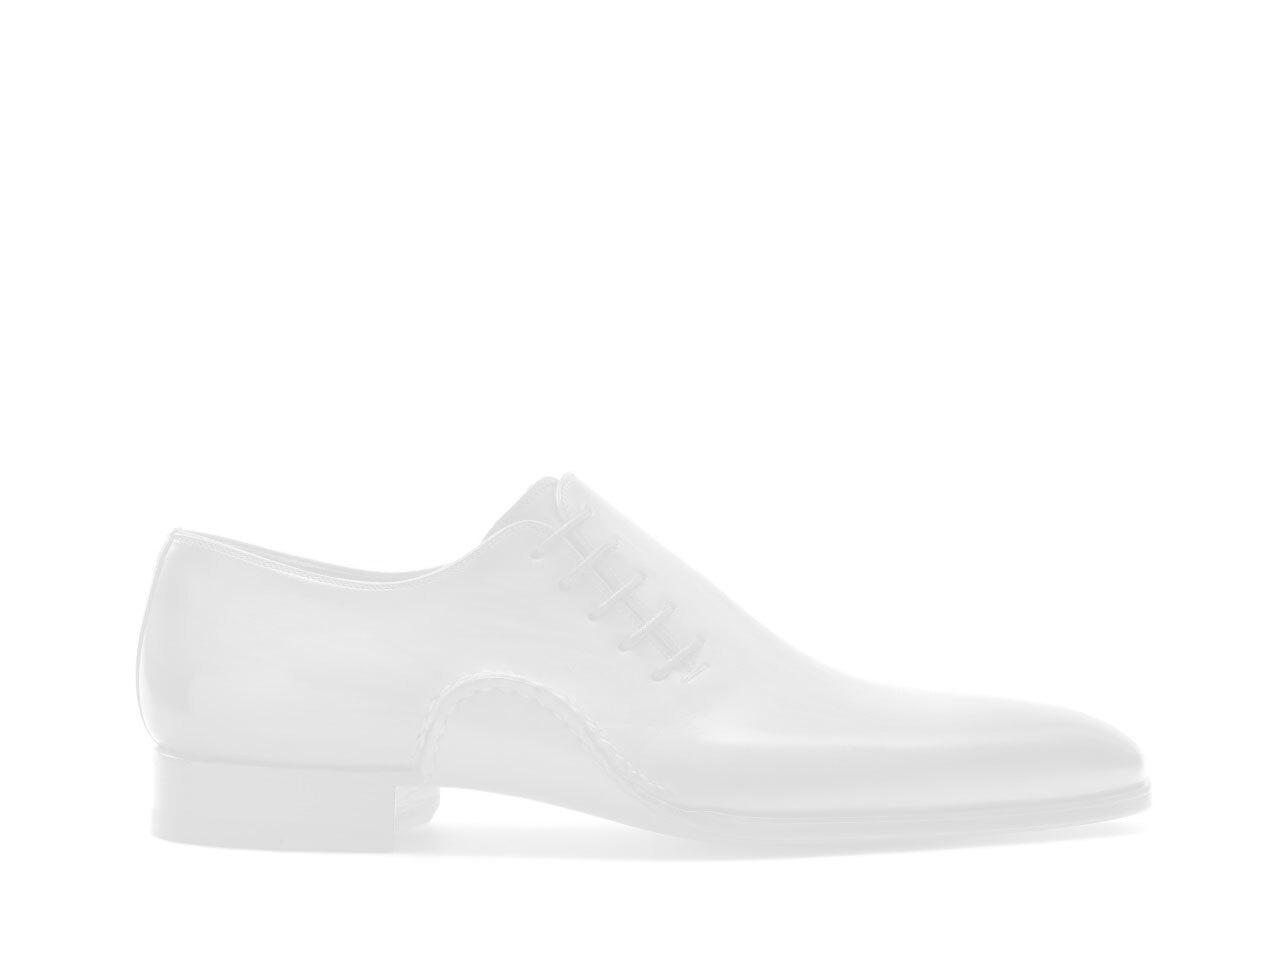 Pair of the Magnanni Cangas Cognac Men's Single Monk Strap Shoes